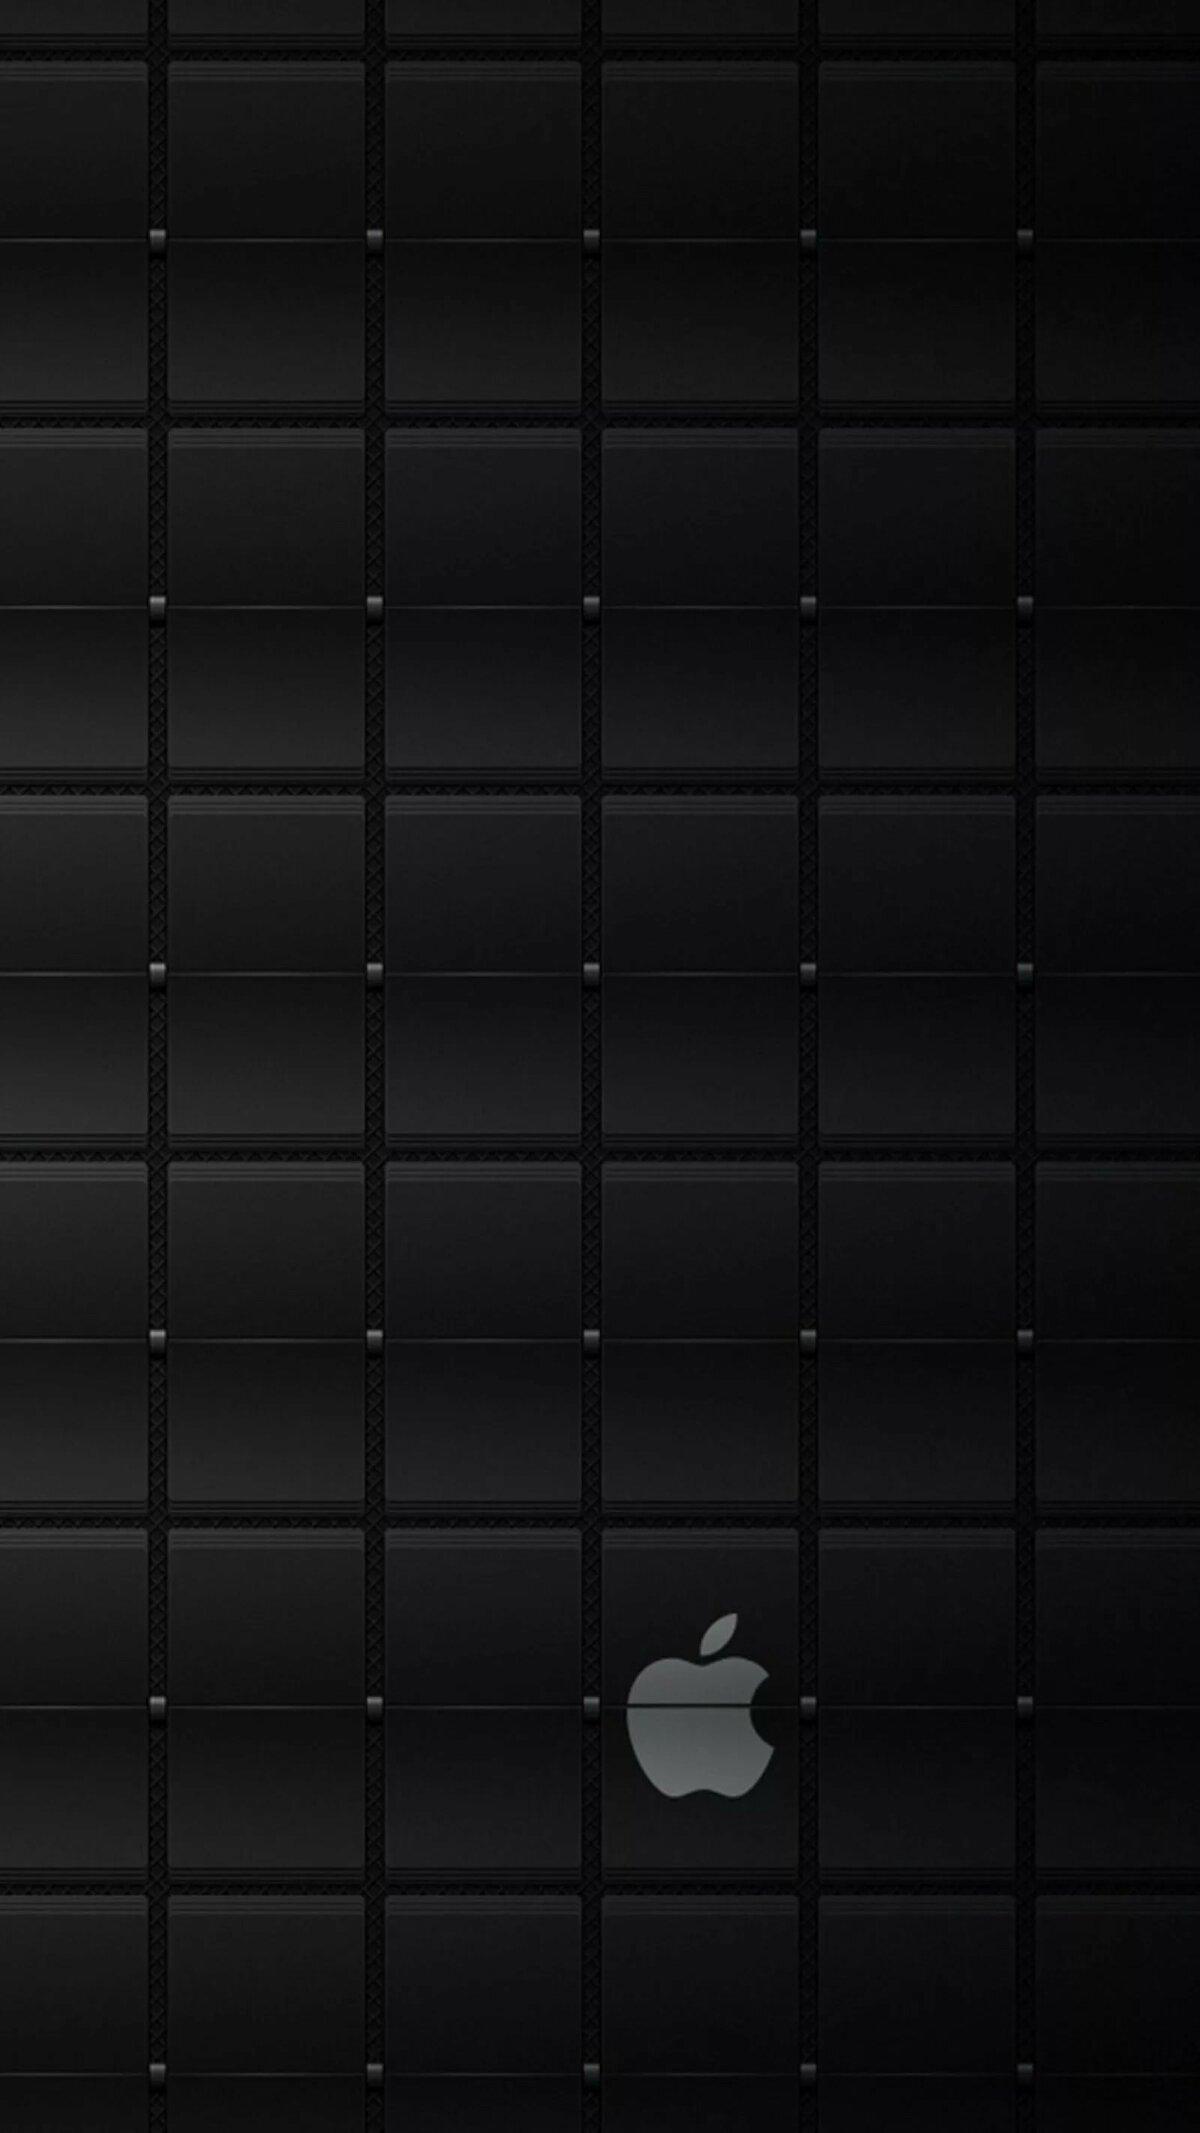 черная картинка для обоев на айфон ещё